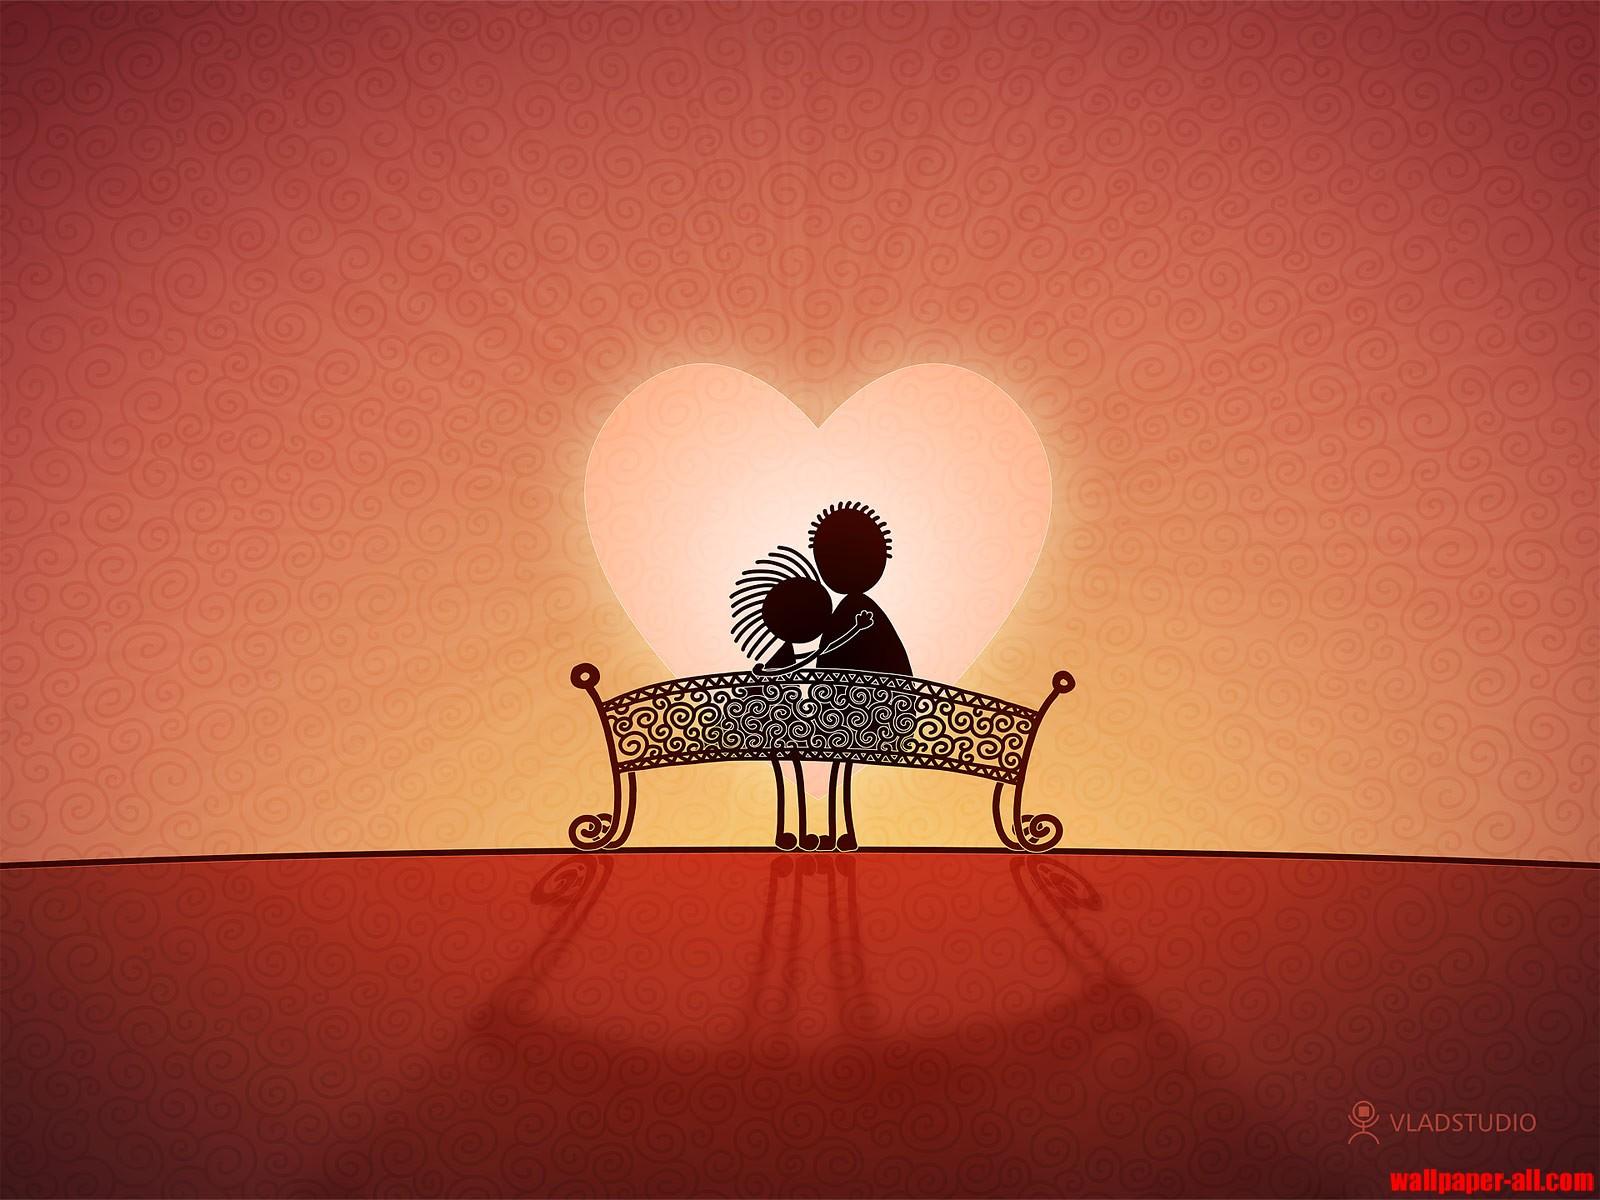 влюбленная парочка на скамейке на фоне сердца, скачать фото, обои для рабочего стола